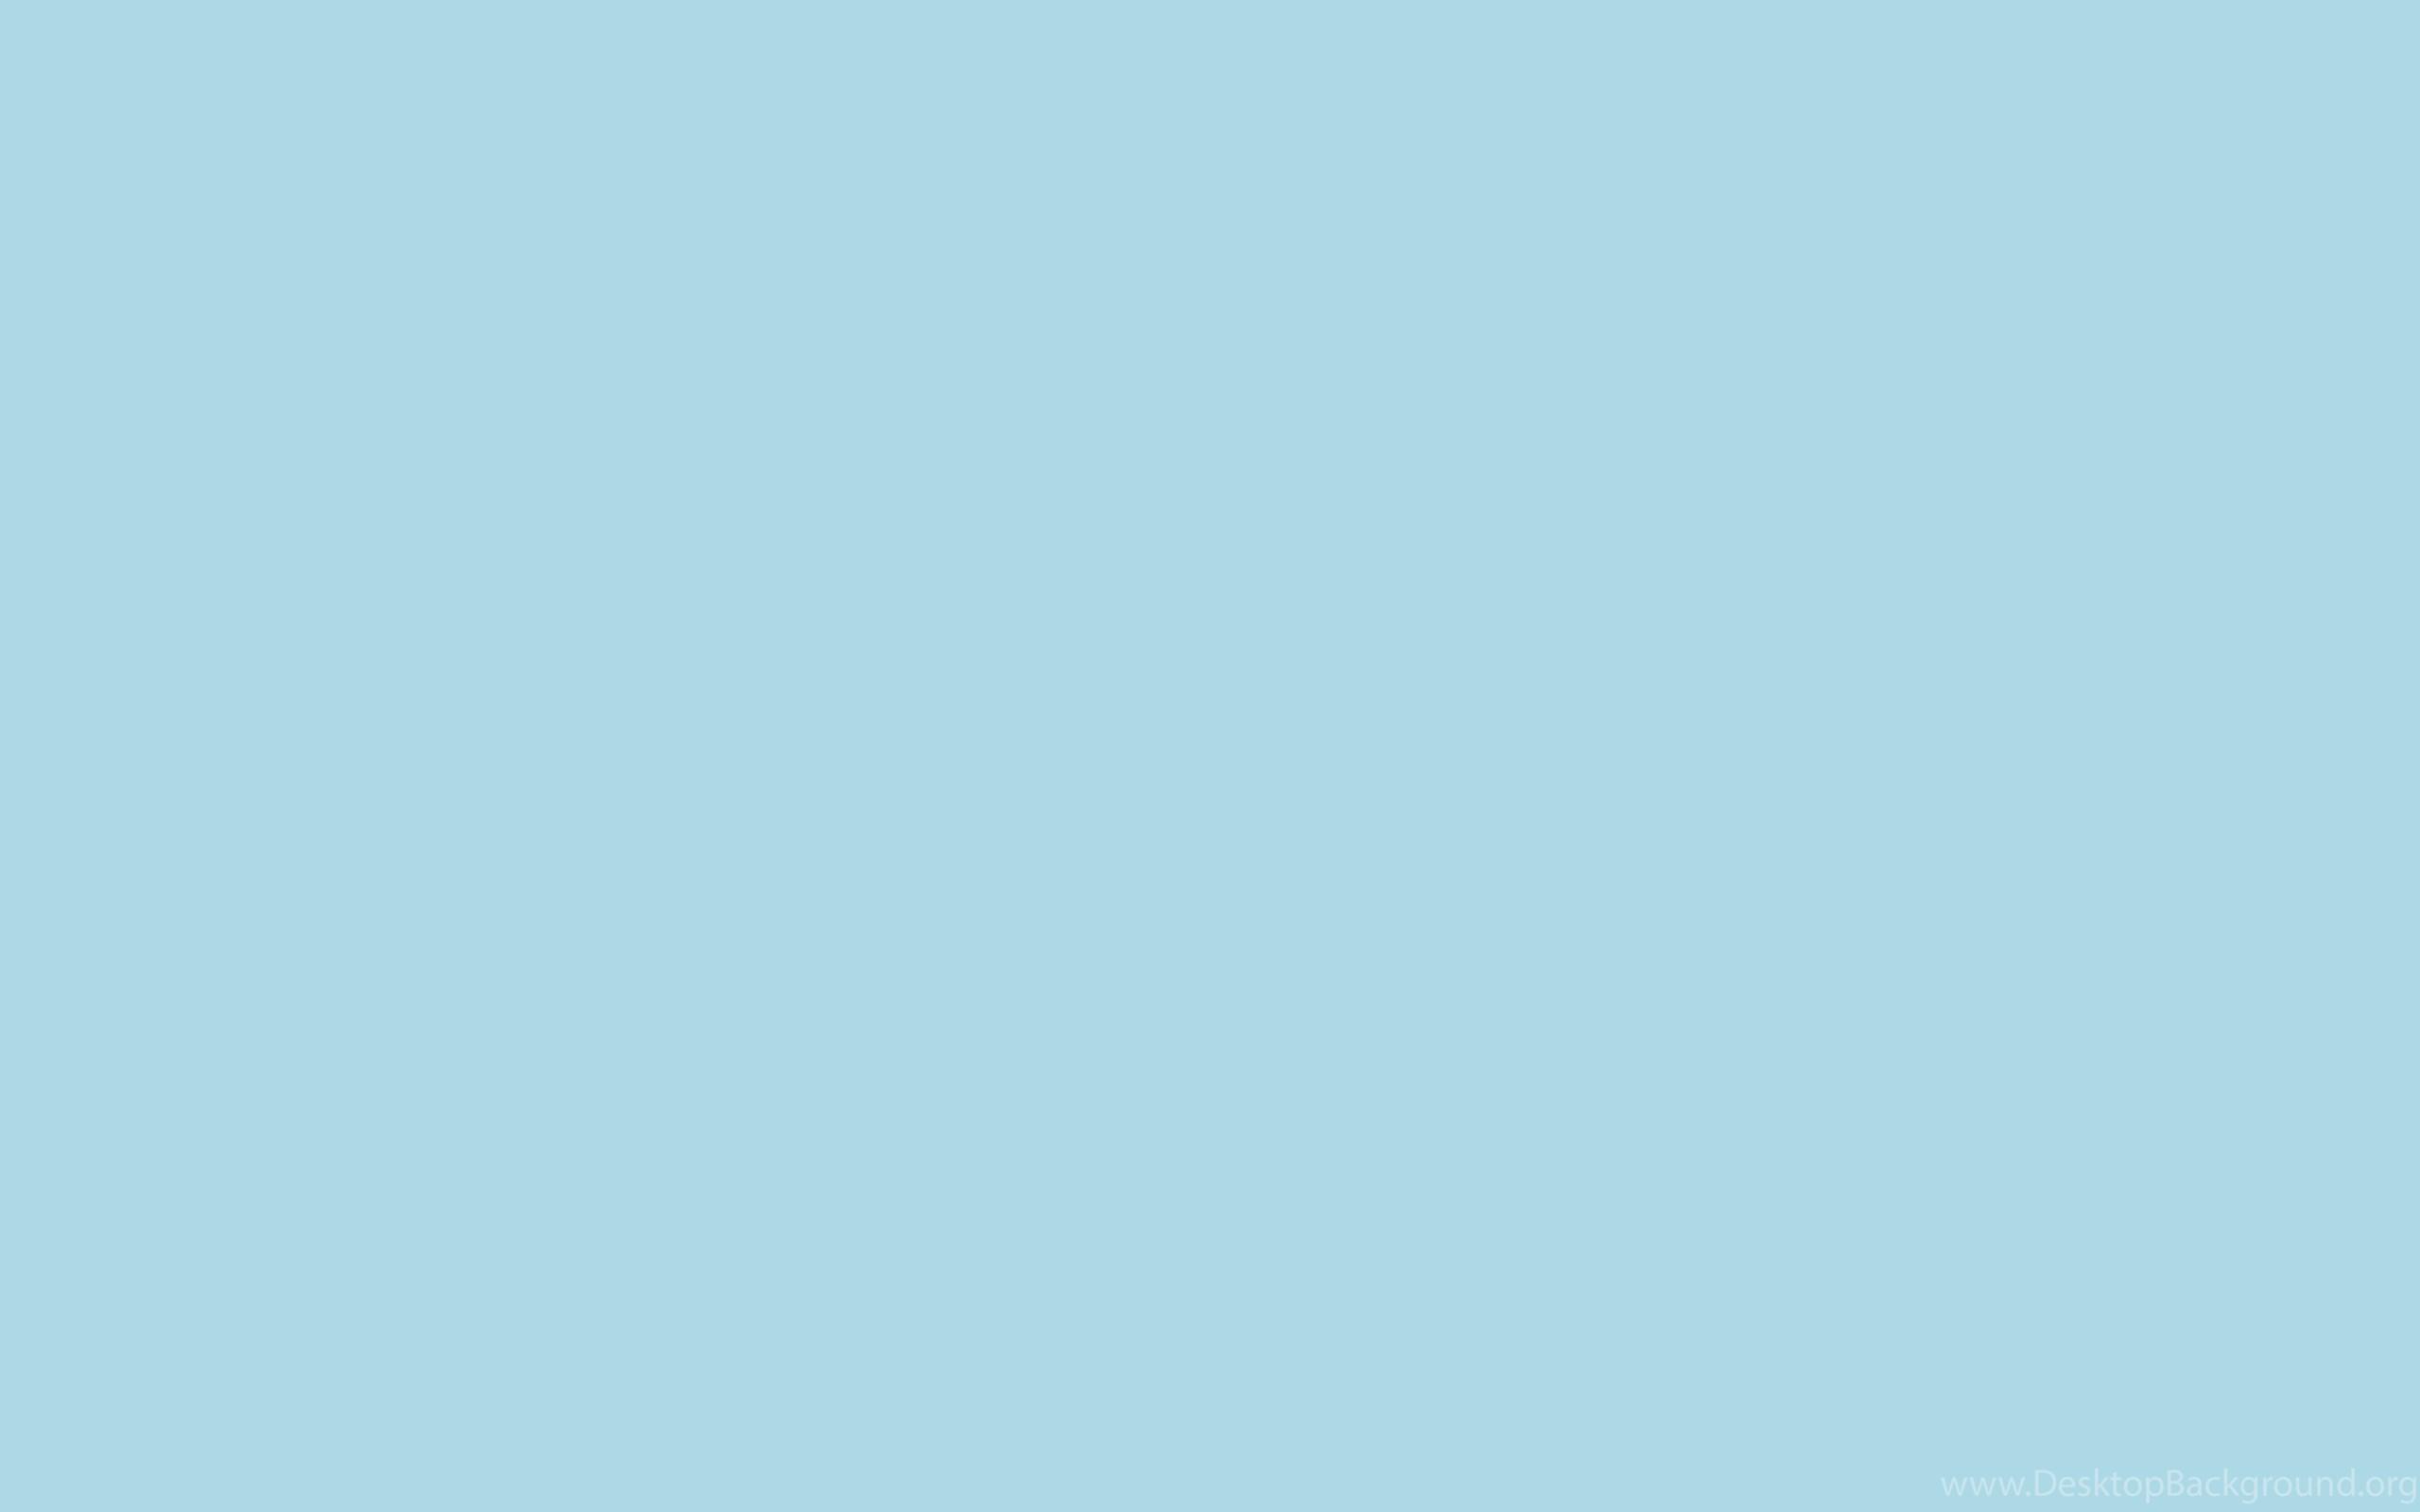 solid color wallpapers desktop background